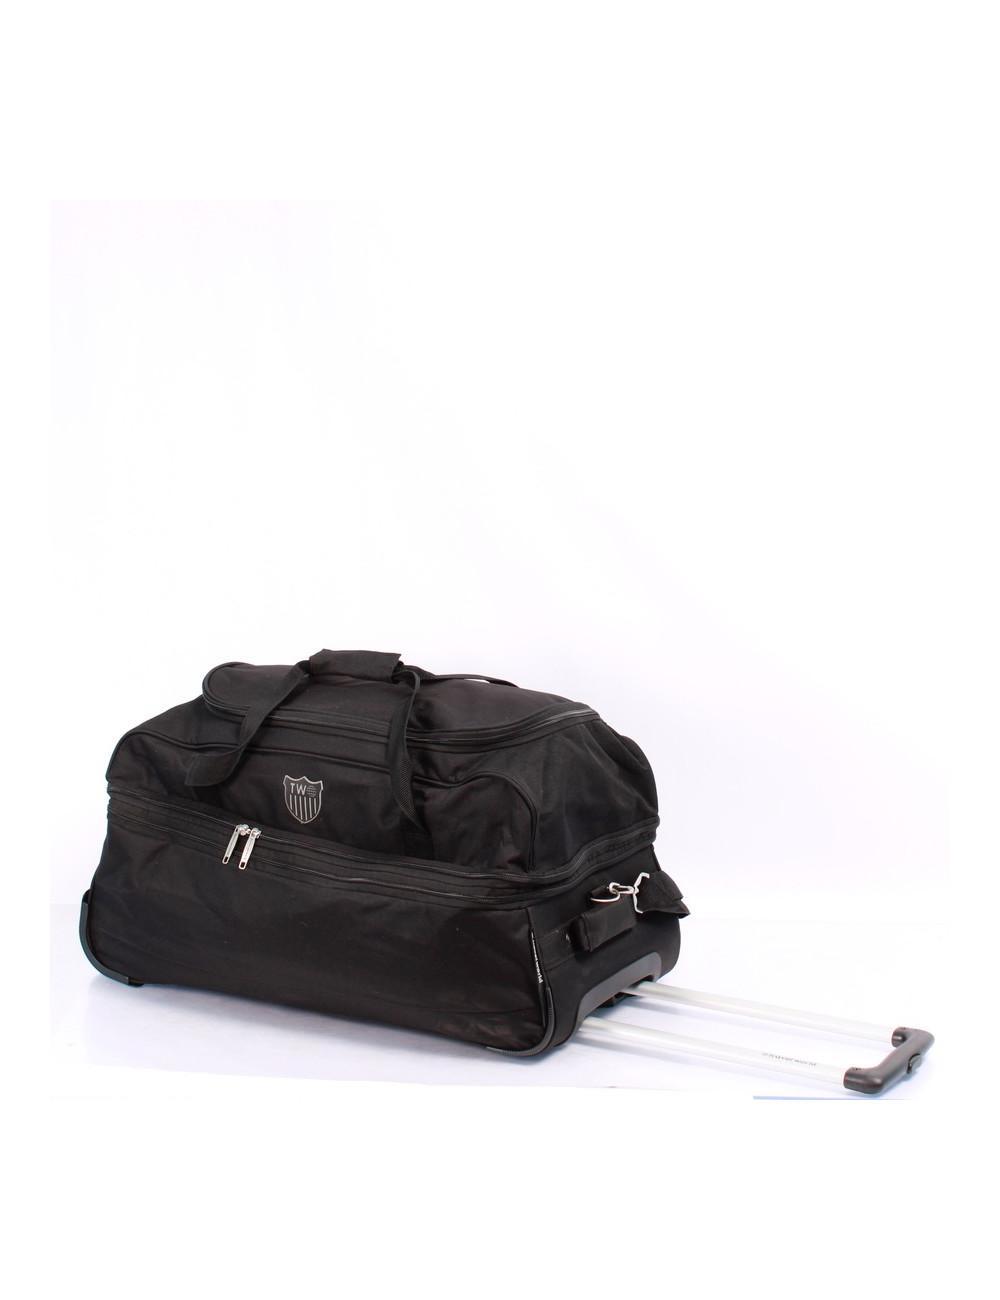 sac de voyage solde